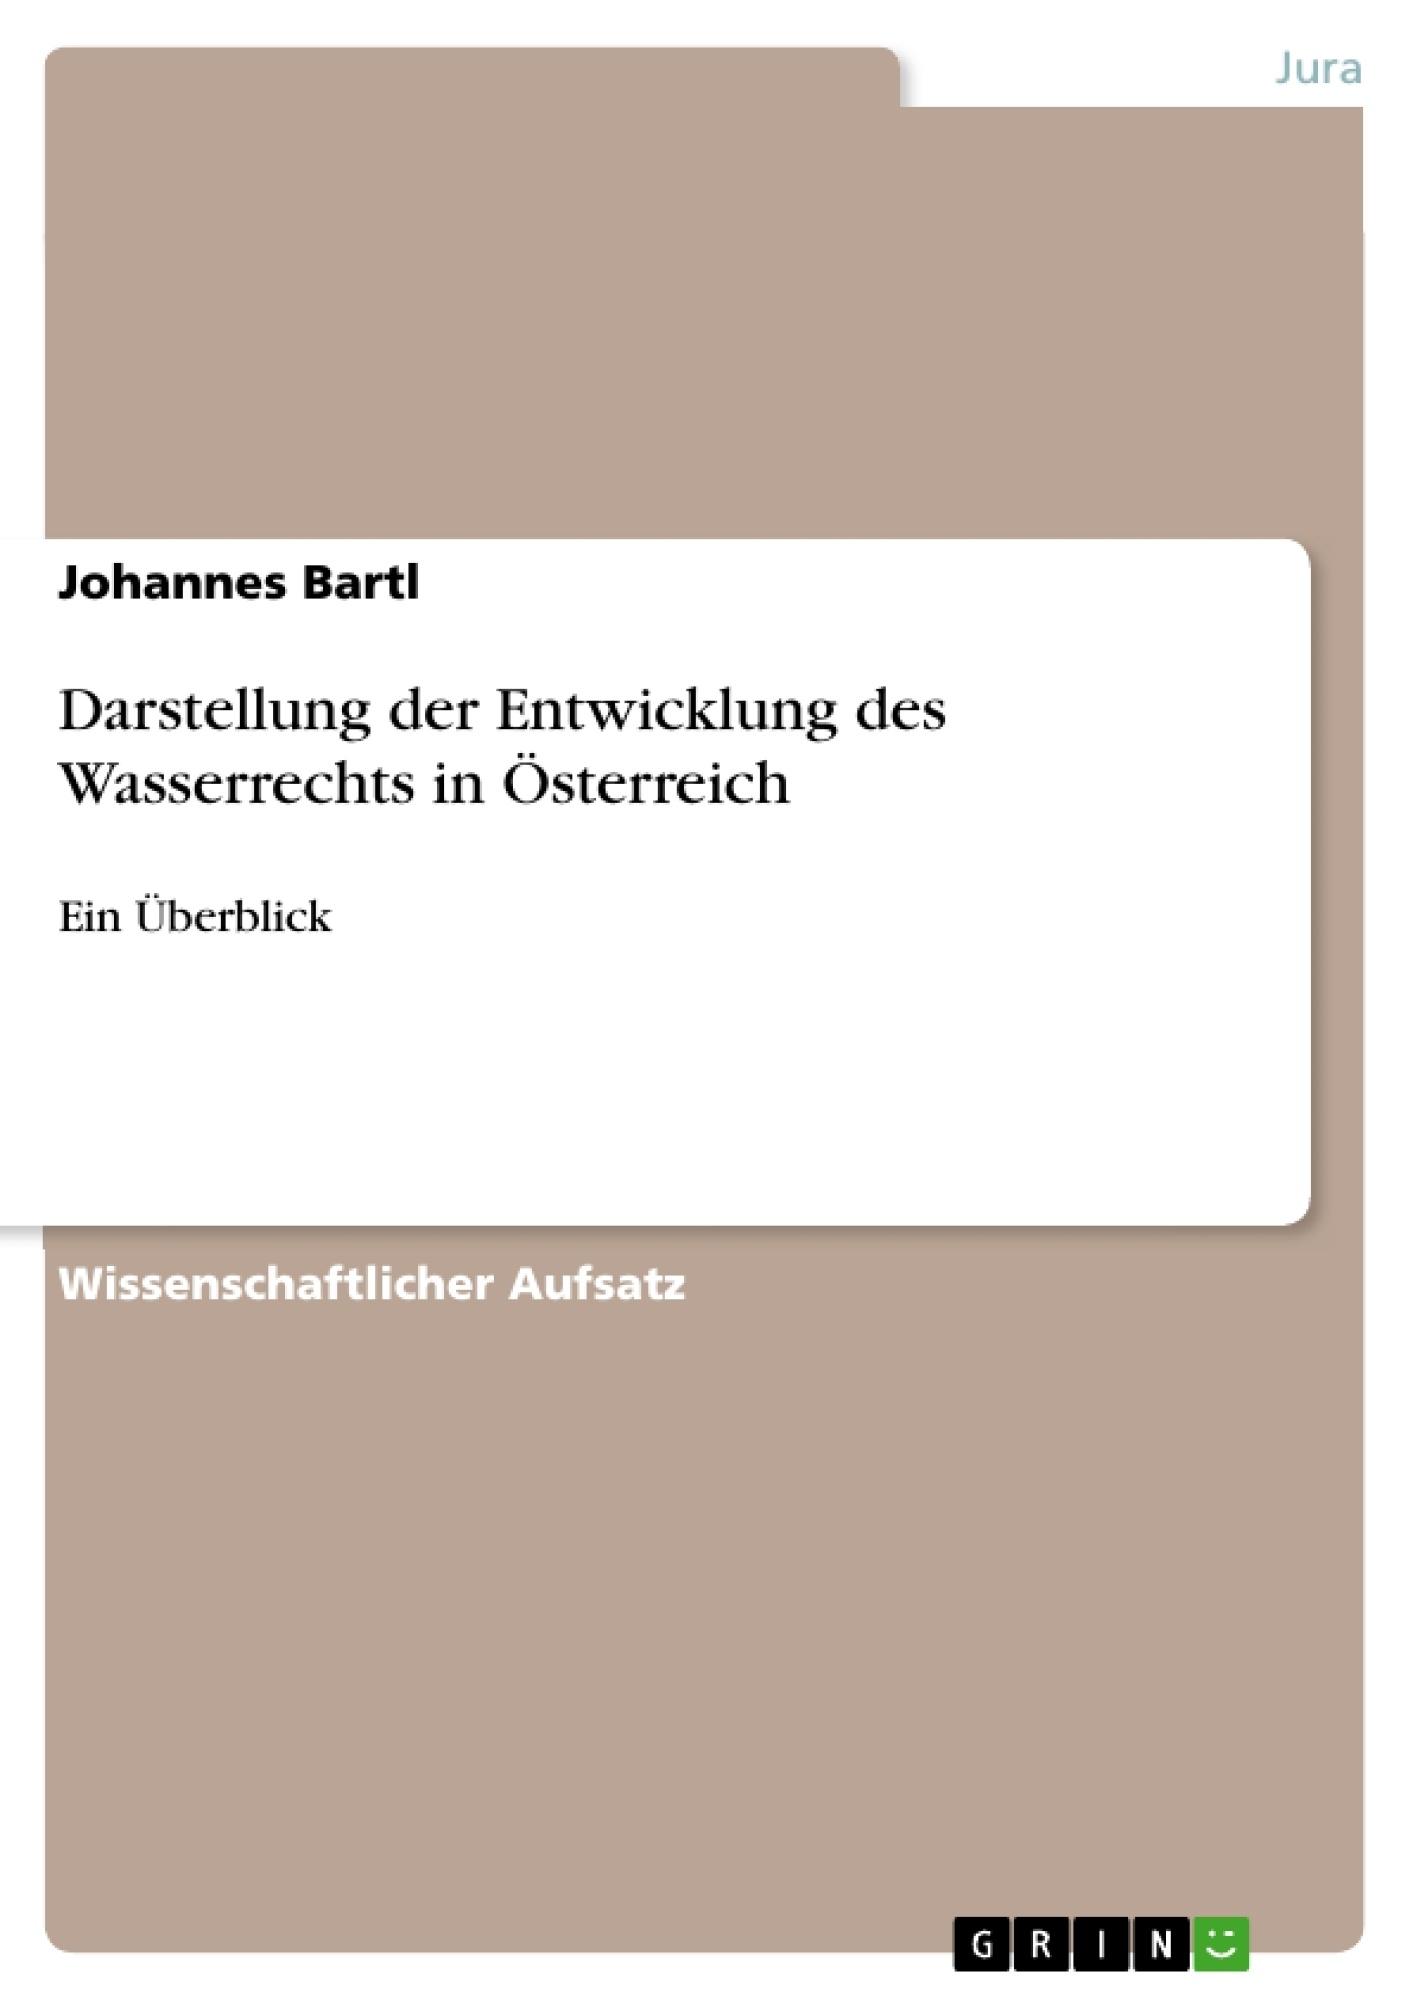 Titel: Darstellung der Entwicklung des Wasserrechts in Österreich